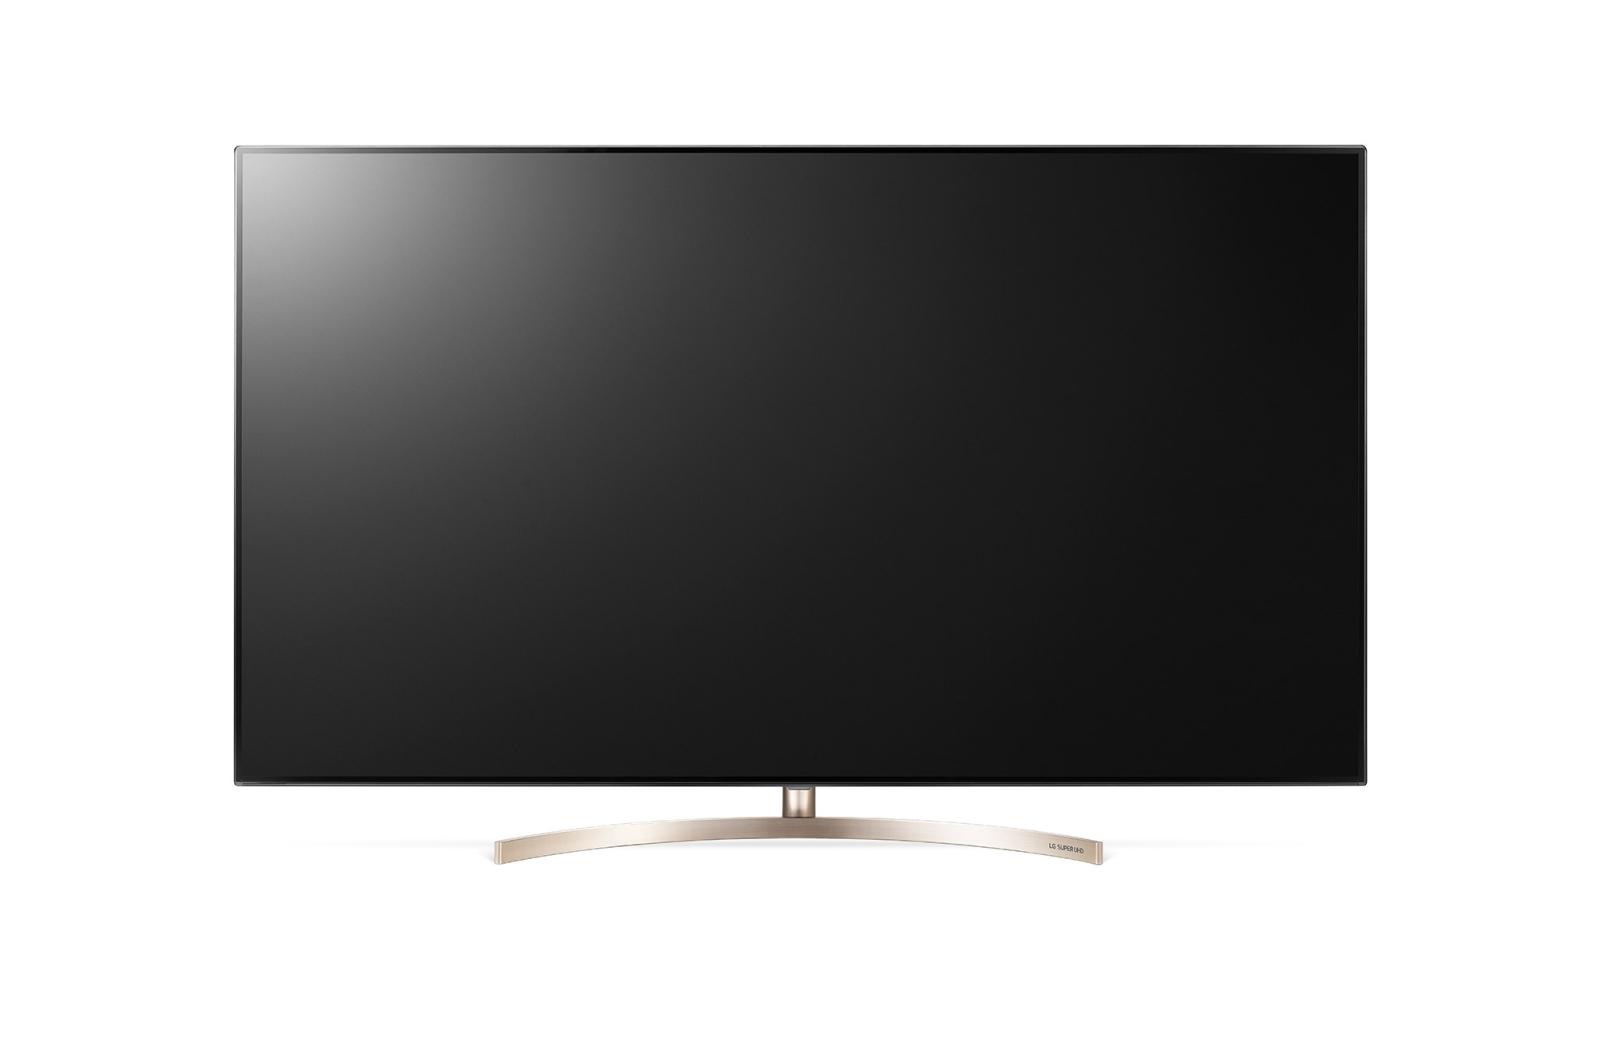 LG 65SK9500 4K HDR AI